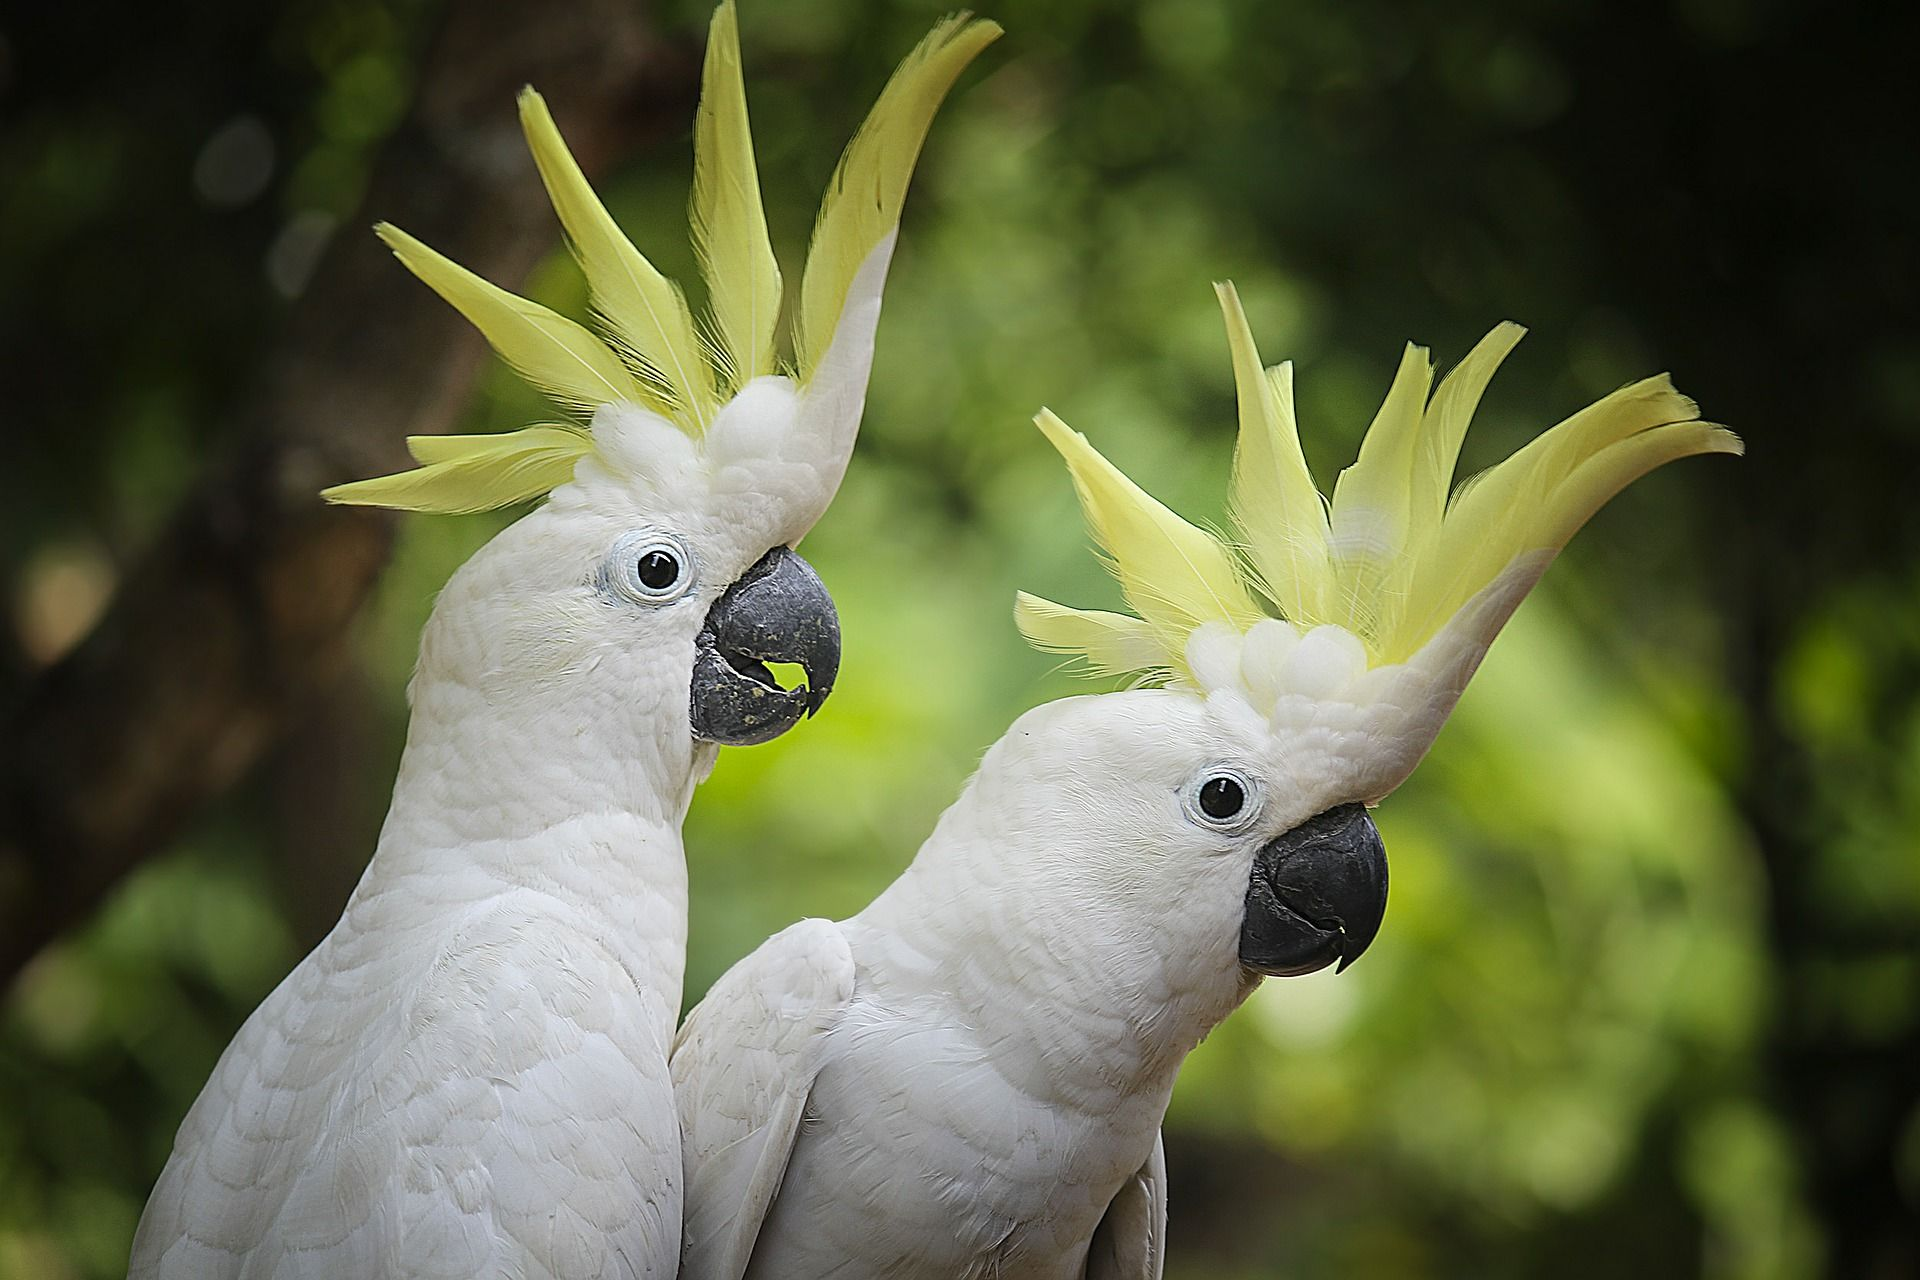 Смотреть лучшее фото двух белых домашних попугаев бесплатно